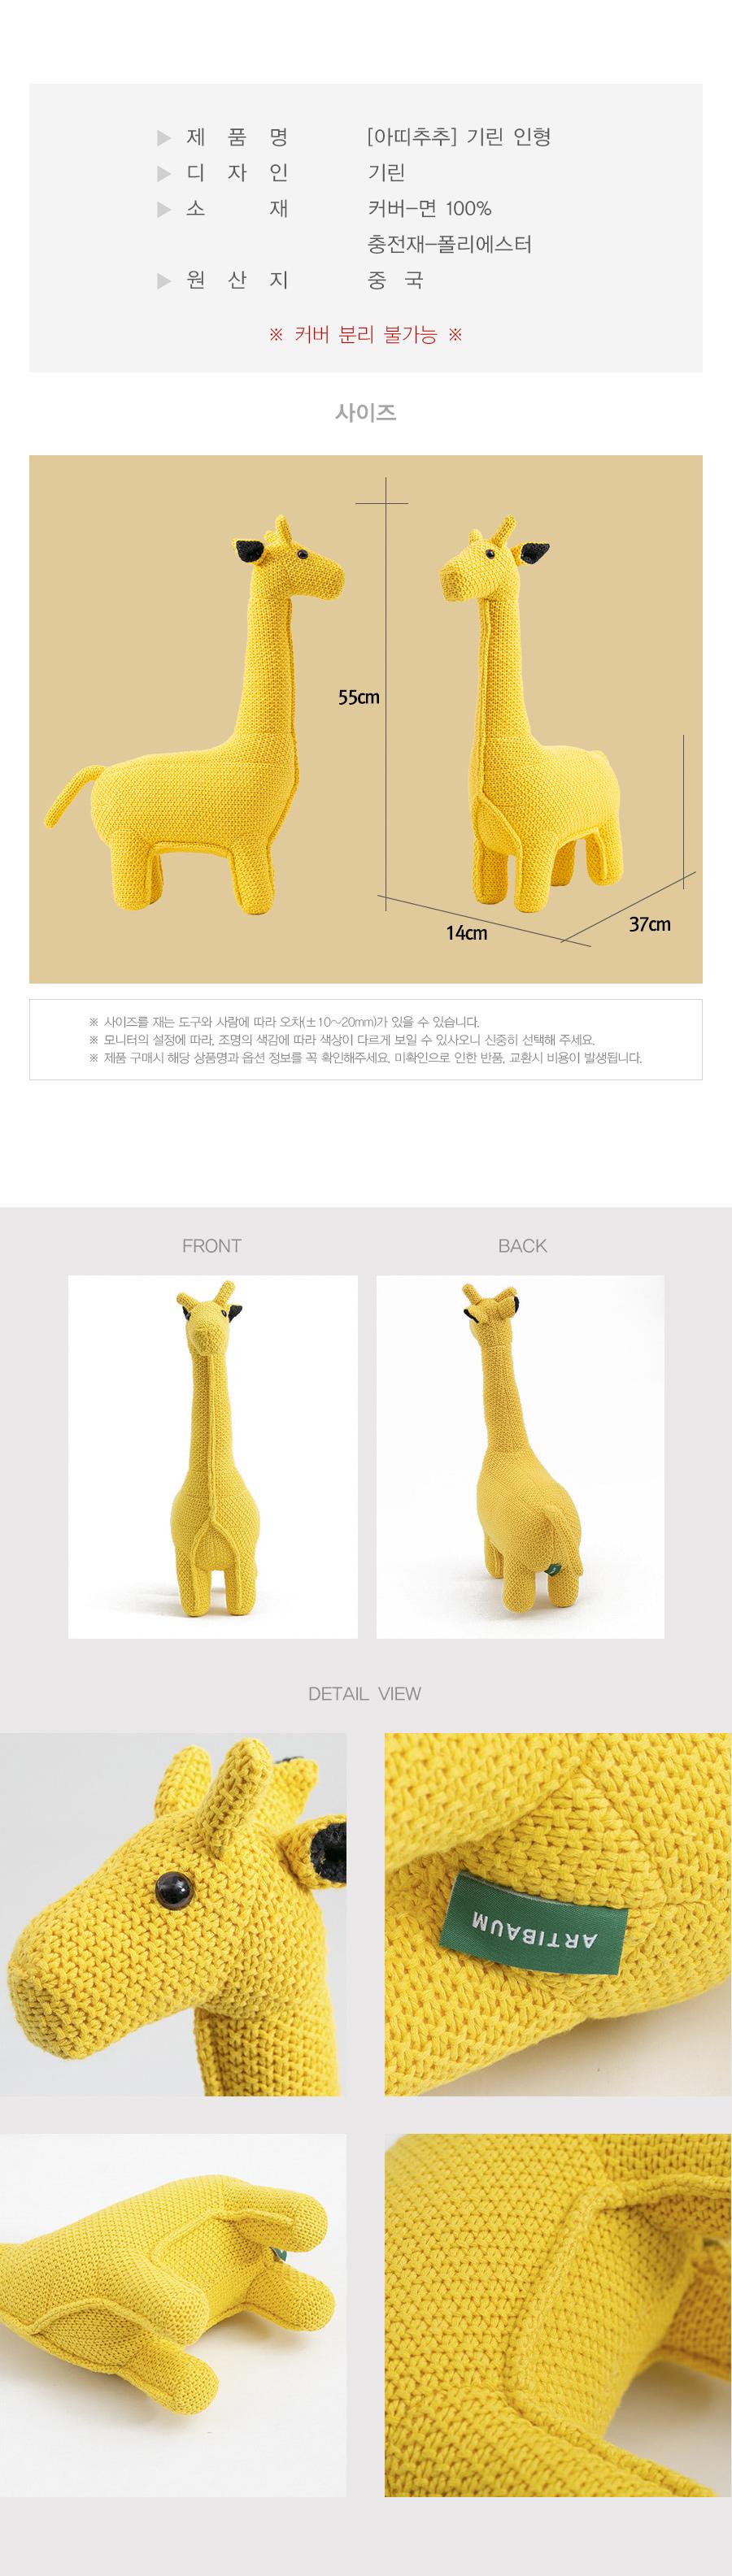 02-2_info_giraffe.jpg